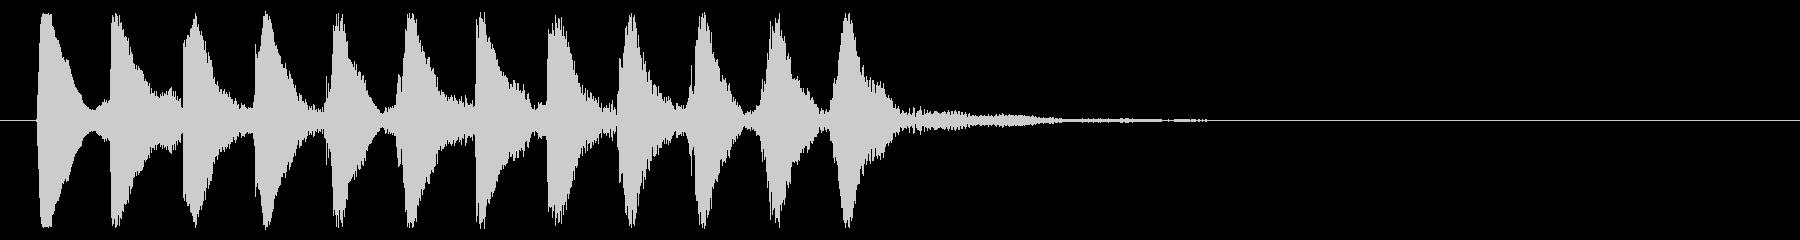 8ビット風システム音-16-5_revの未再生の波形